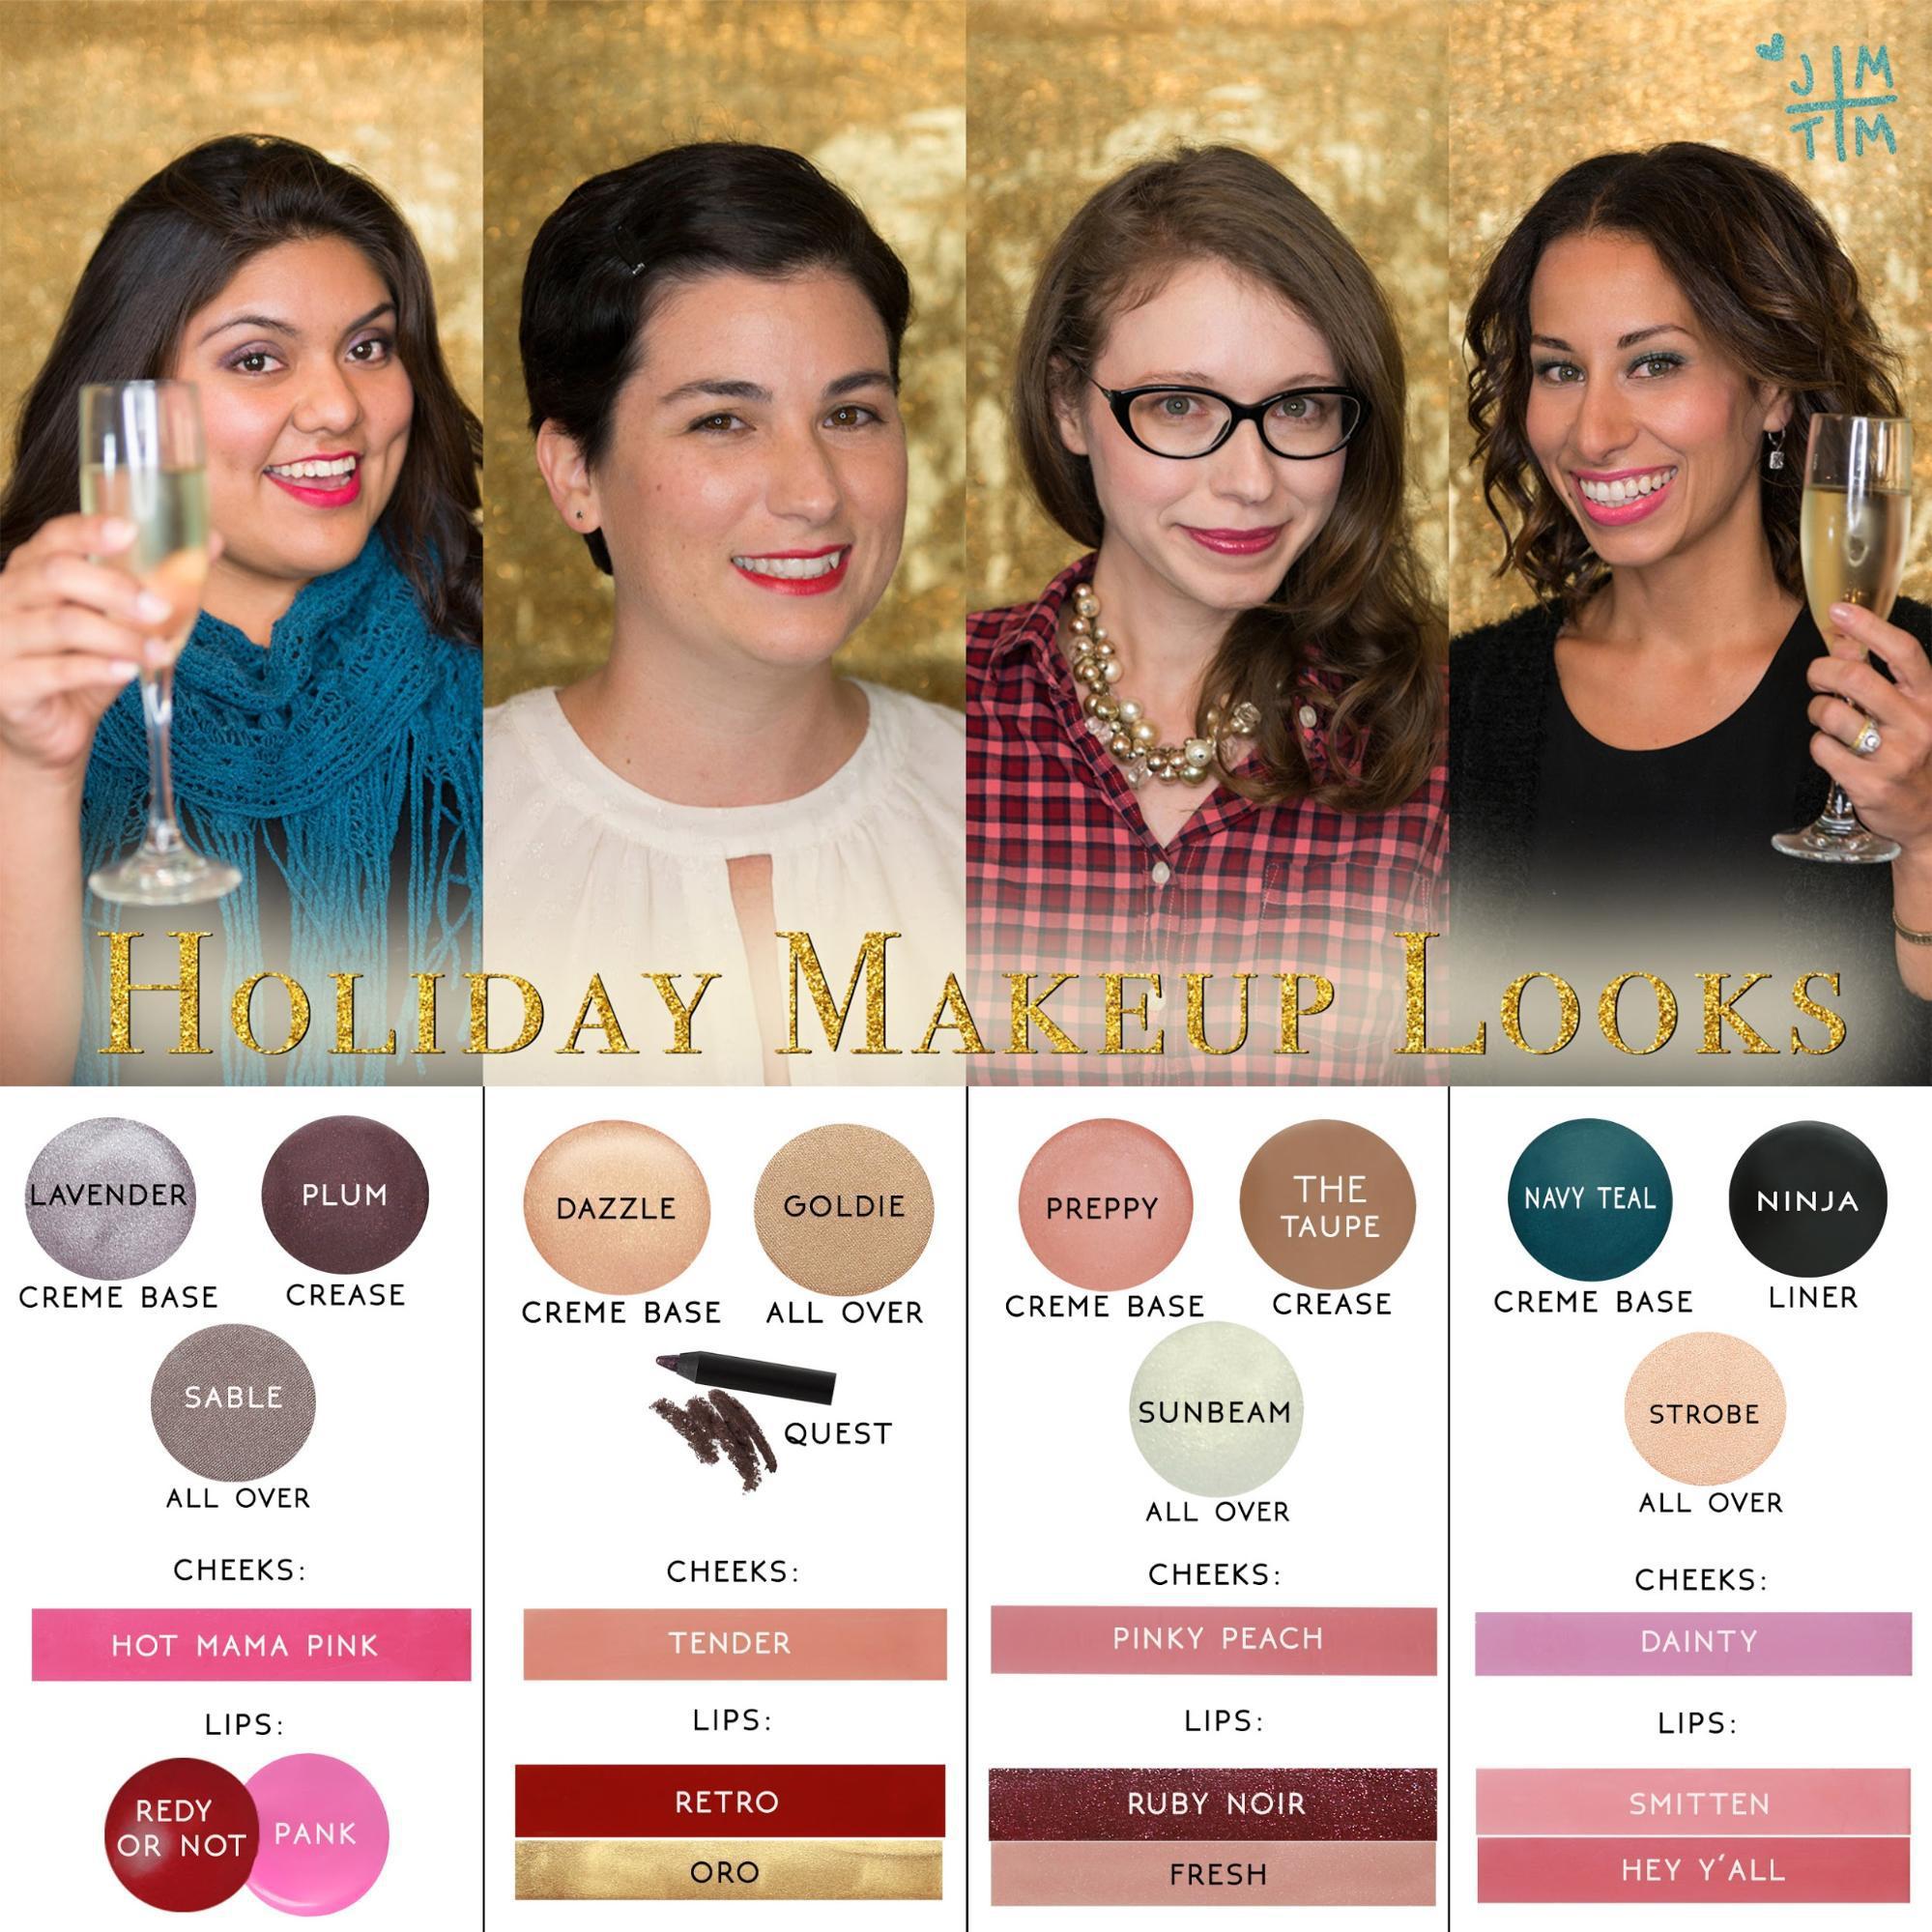 jules-loves-holiday-makeup-looks-2015-breakdown